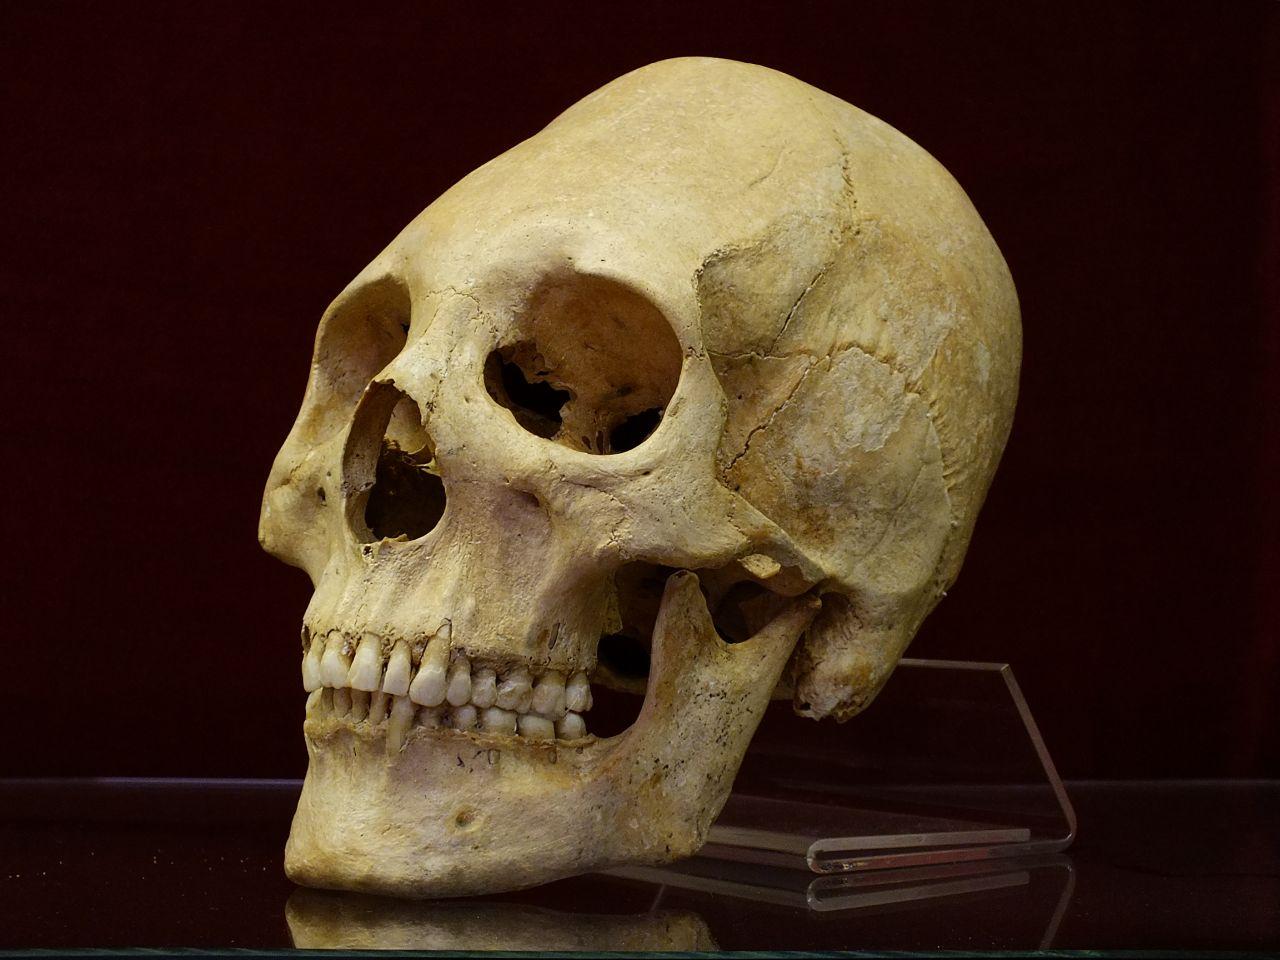 Torzított koponyájú germán nő <br/>(Mözs, Tolna megye)